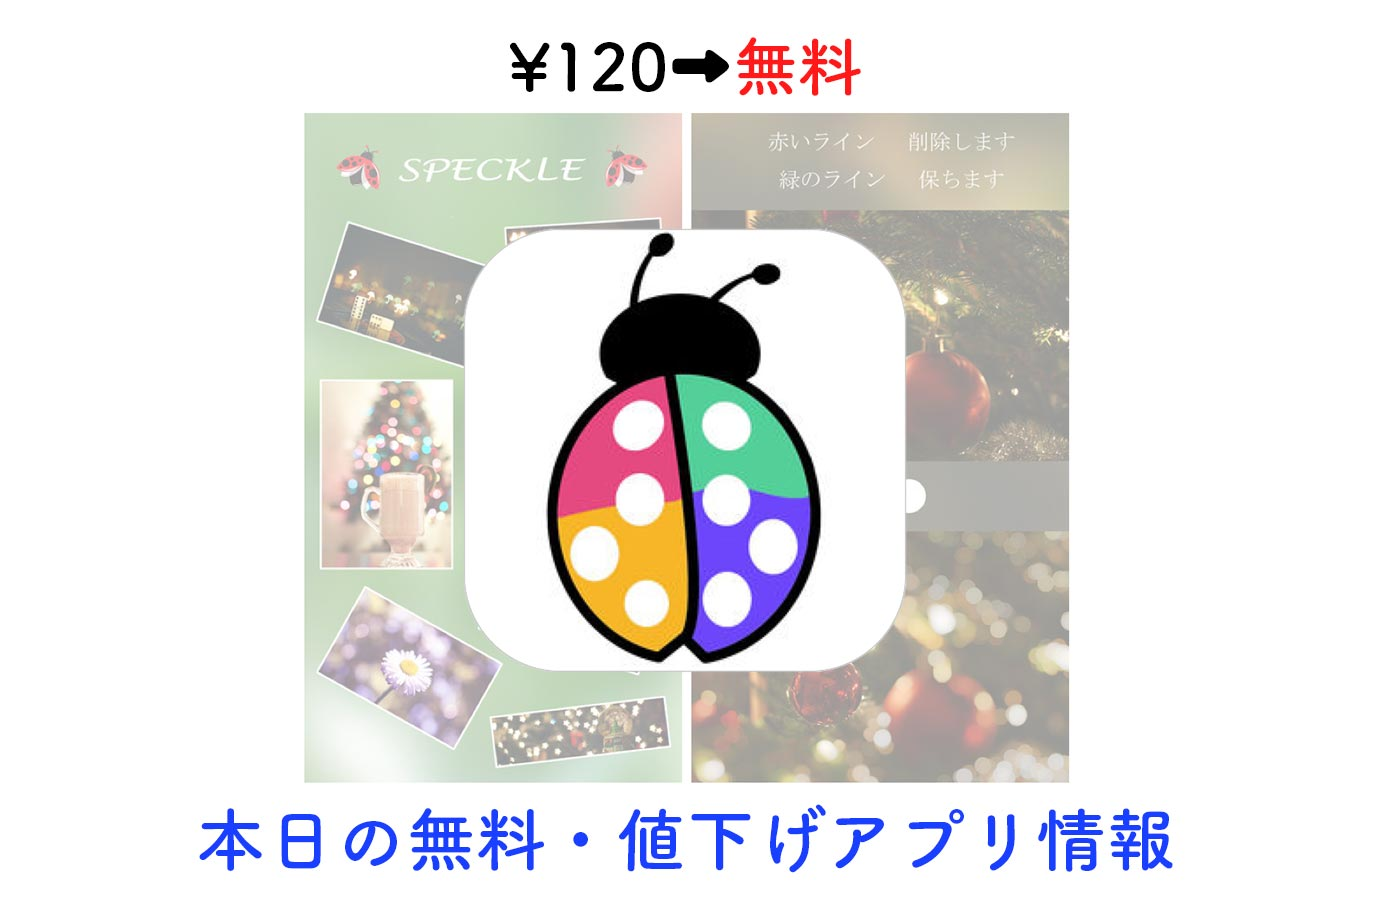 ¥120→無料、ボケ効果を利用した写真加工アプリ「Speckle」など【11/19】本日の無料・値下げアプリ情報